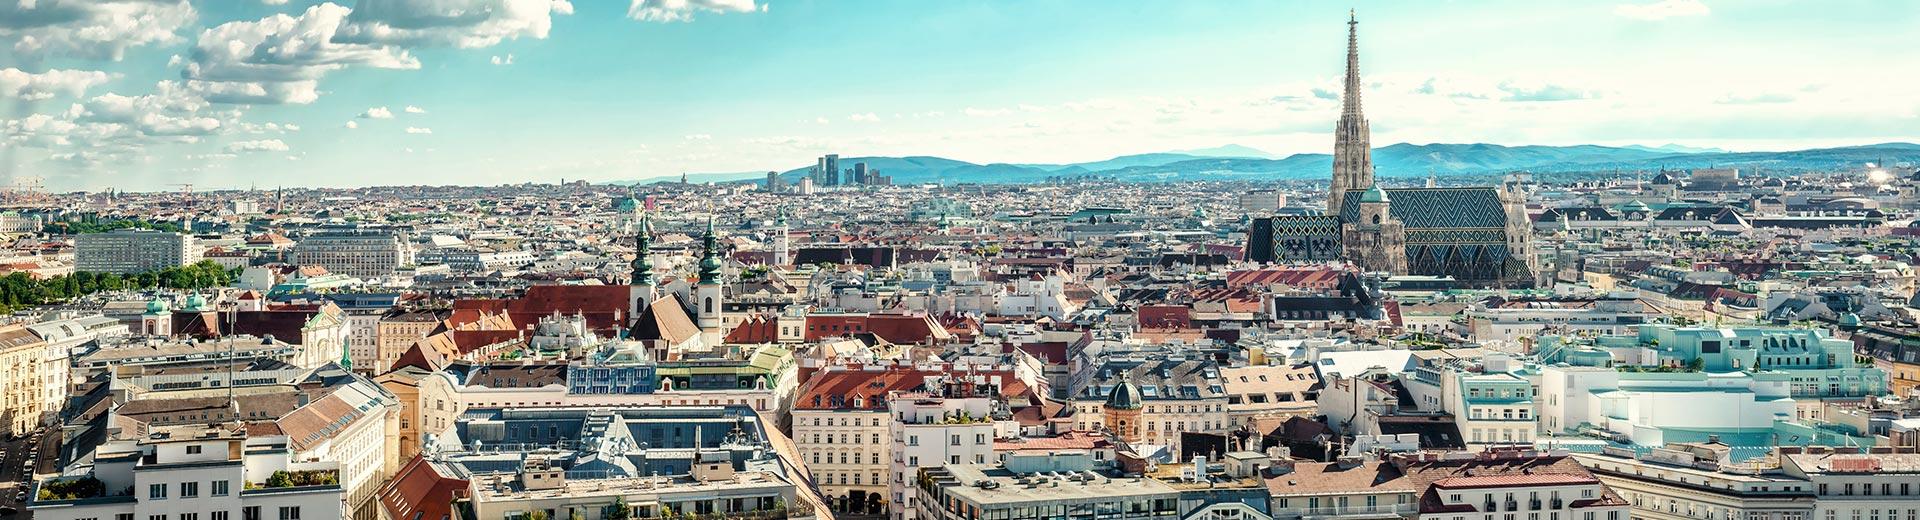 Voyage en groupe Vienne - offre économique train